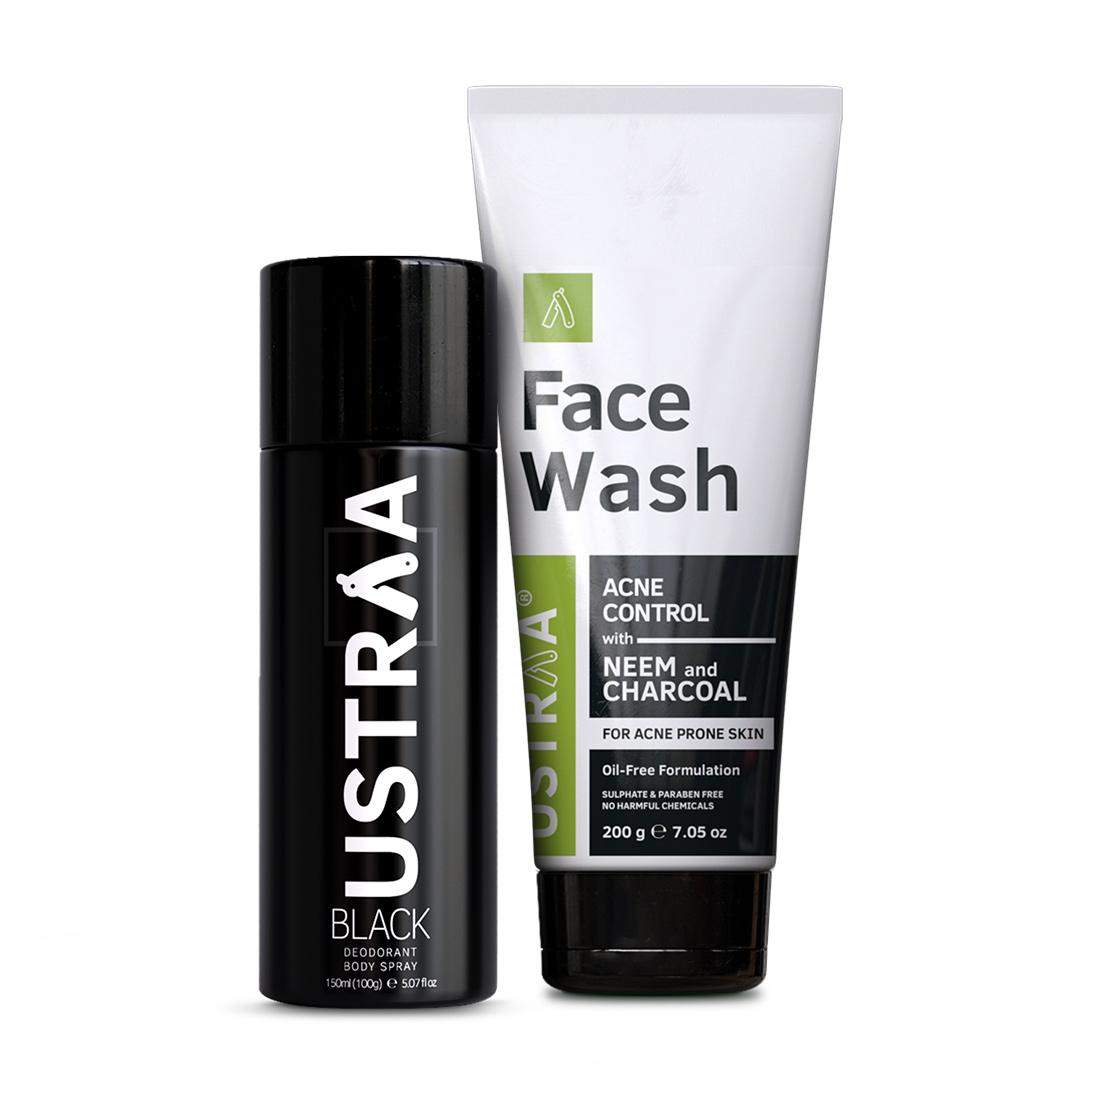 Ustraa | Ustraa Black Deodorant 150ml & Face Wash Neem and Charcoal 200g